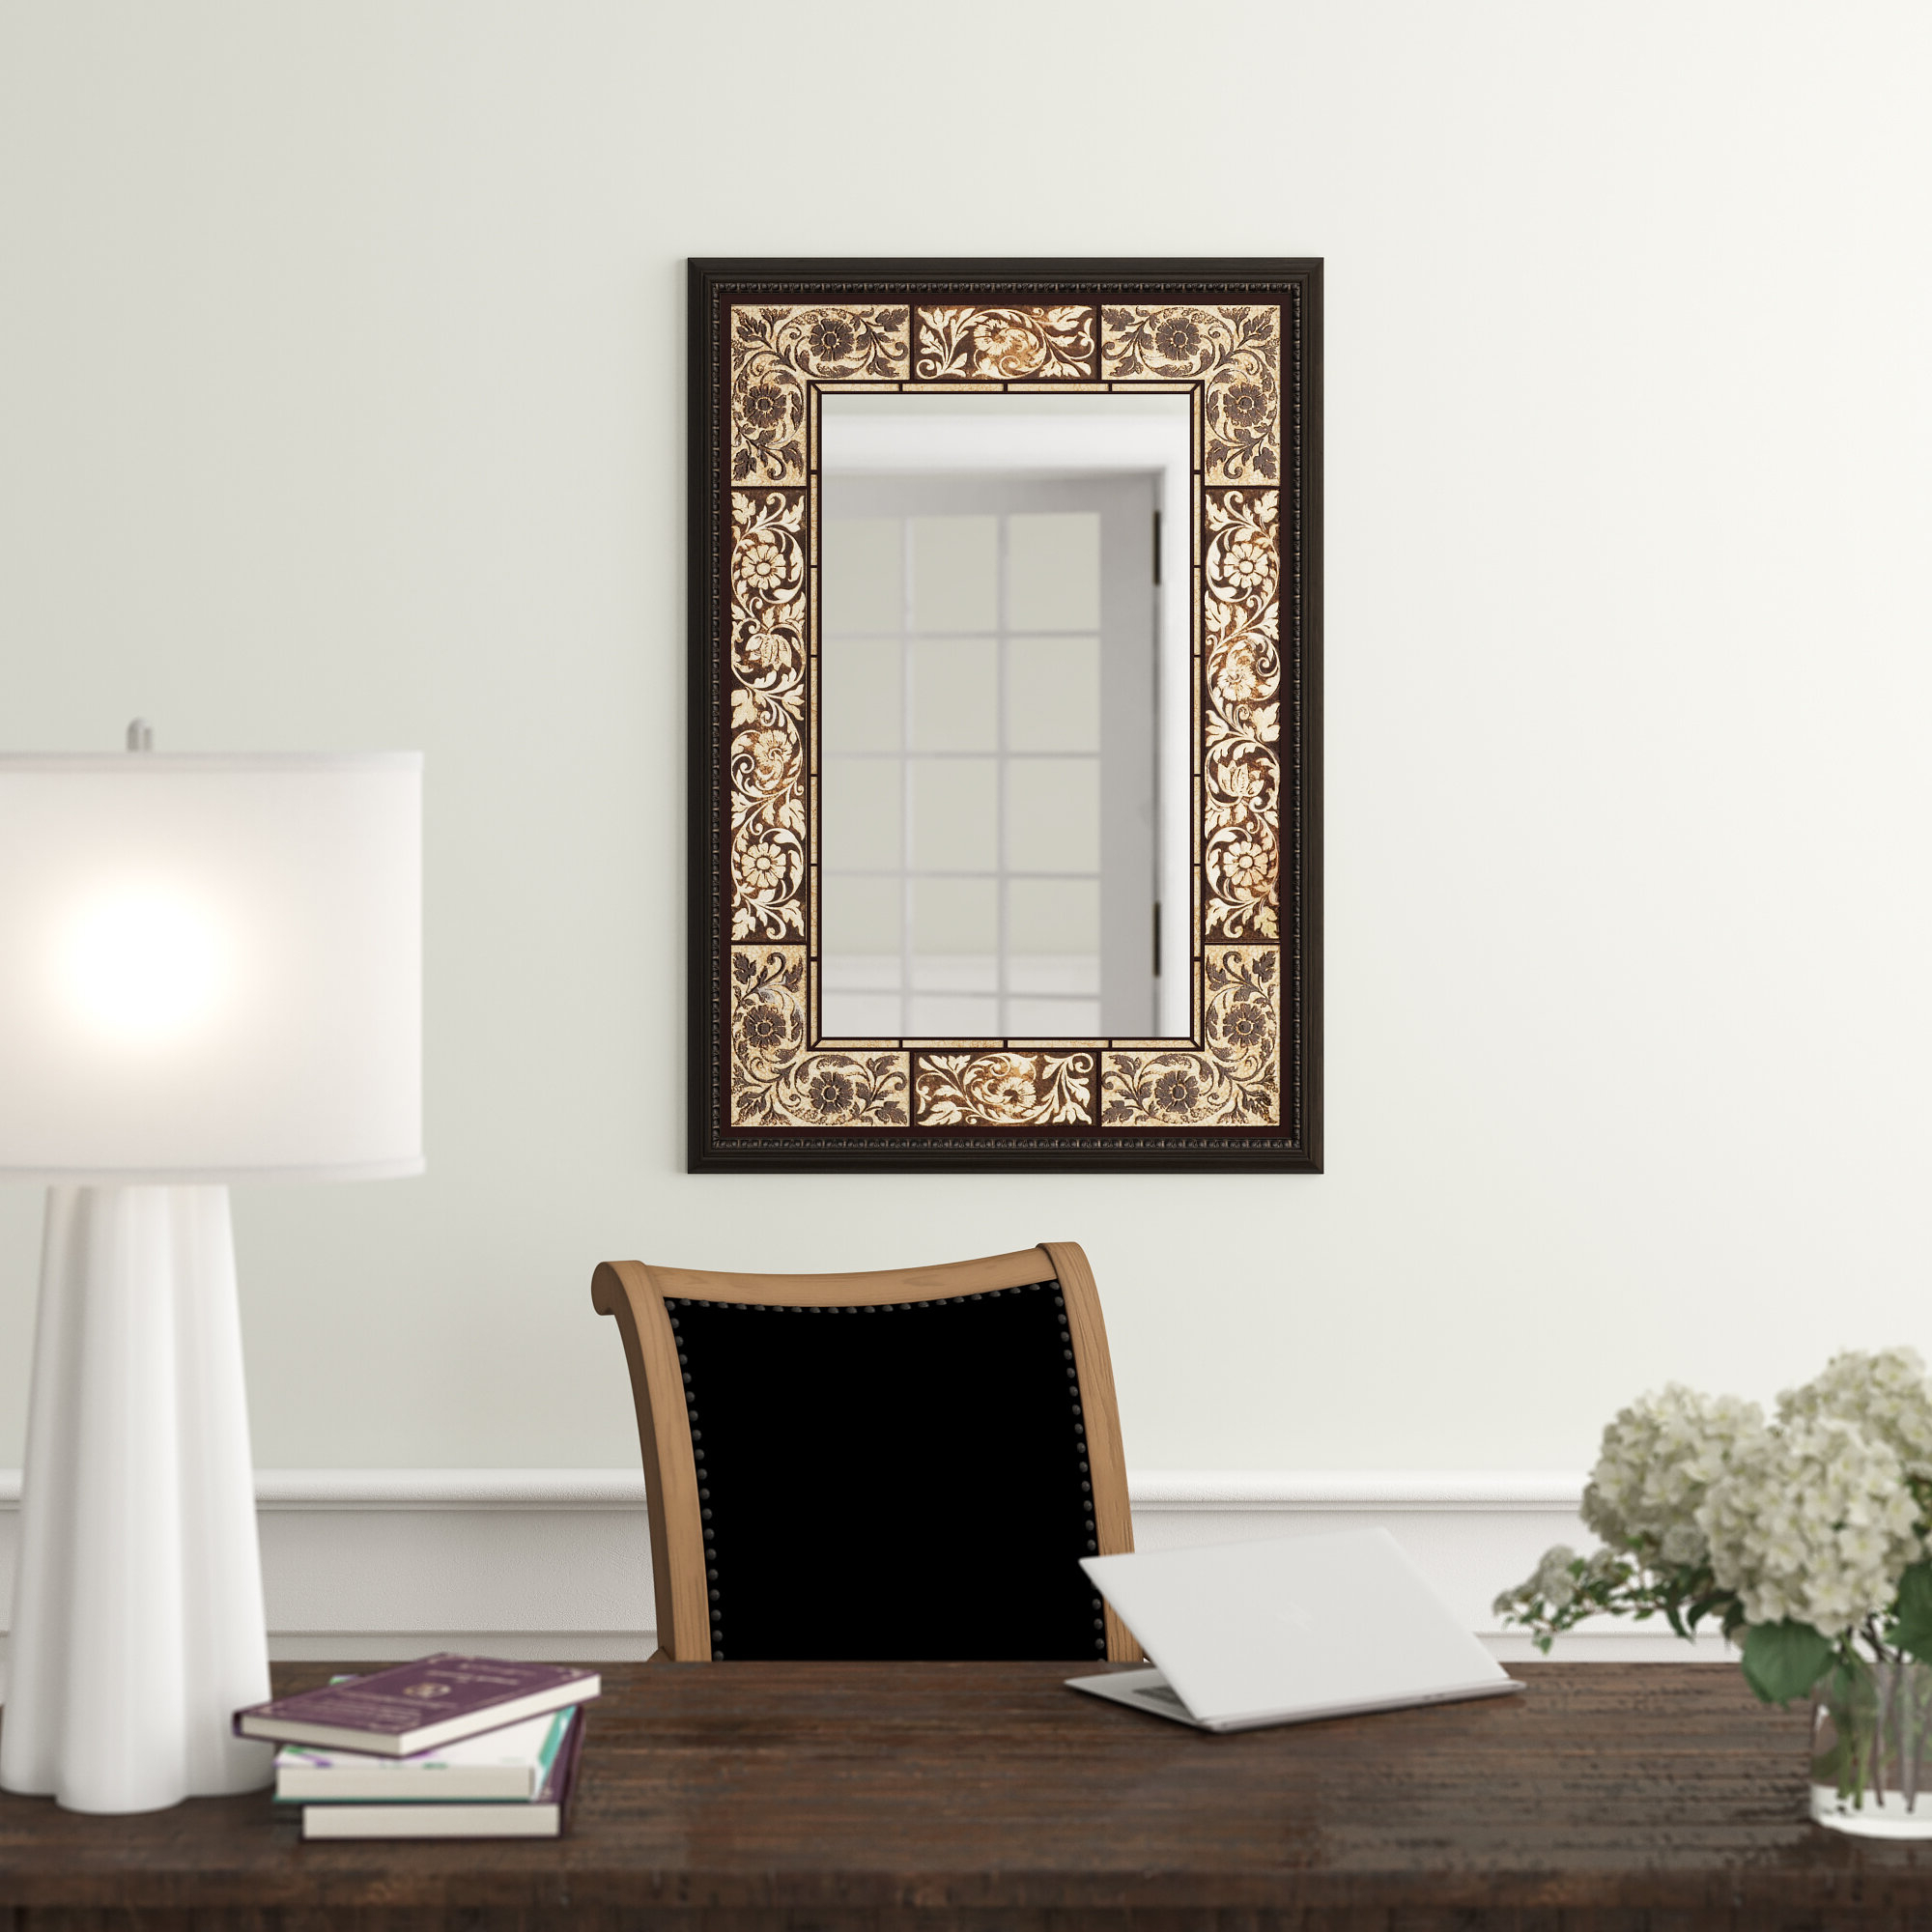 Tile Rectangle Accent Wall Mirror Regarding Famous Rectangle Accent Wall Mirrors (View 4 of 20)